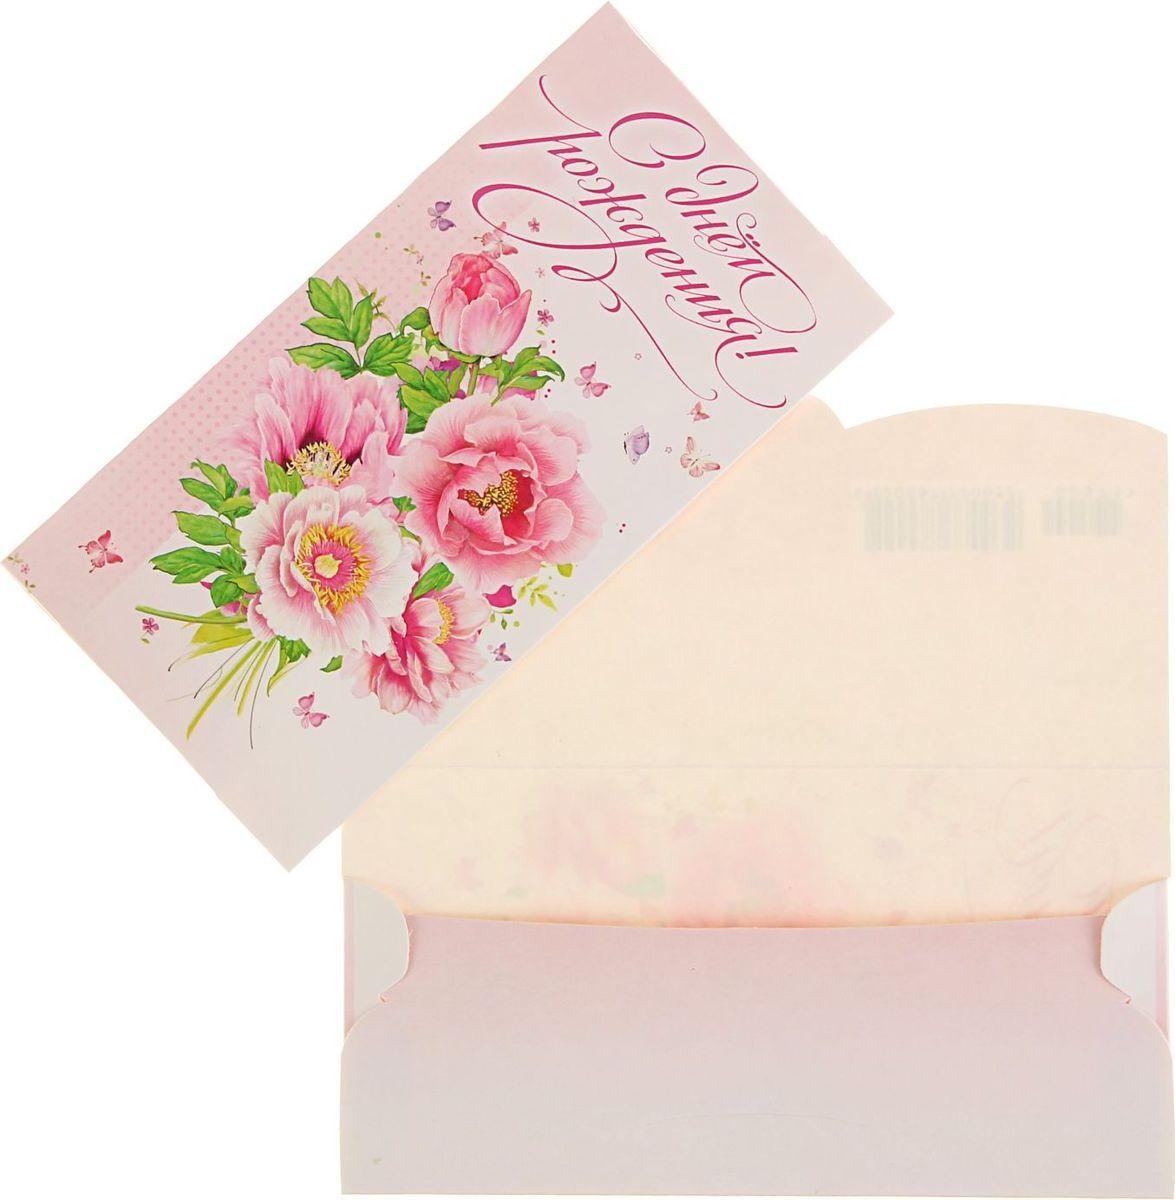 Конверт для денег Эдельвейс С Днем Рождения! Розовый фон, розы, 17 х 8,8 см1735016Невозможно представить нашу жизнь без праздников! Мы всегда ждём их и предвкушаем, обдумываем, как проведём памятный день, тщательно выбираем подарки и аксессуары, ведь именно они создают и поддерживают торжественный настрой. Этот конверт для денег - отличный выбор, который привнесёт атмосферу праздника в ваш дом!